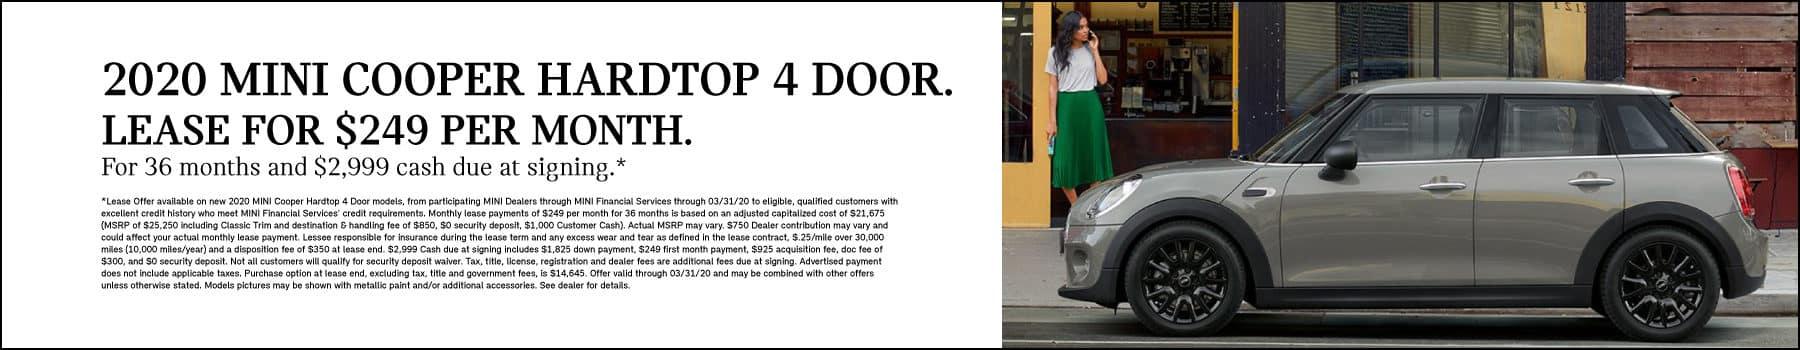 Hardtop 4 Door Cooper: Lease: $249 per month for 36 months